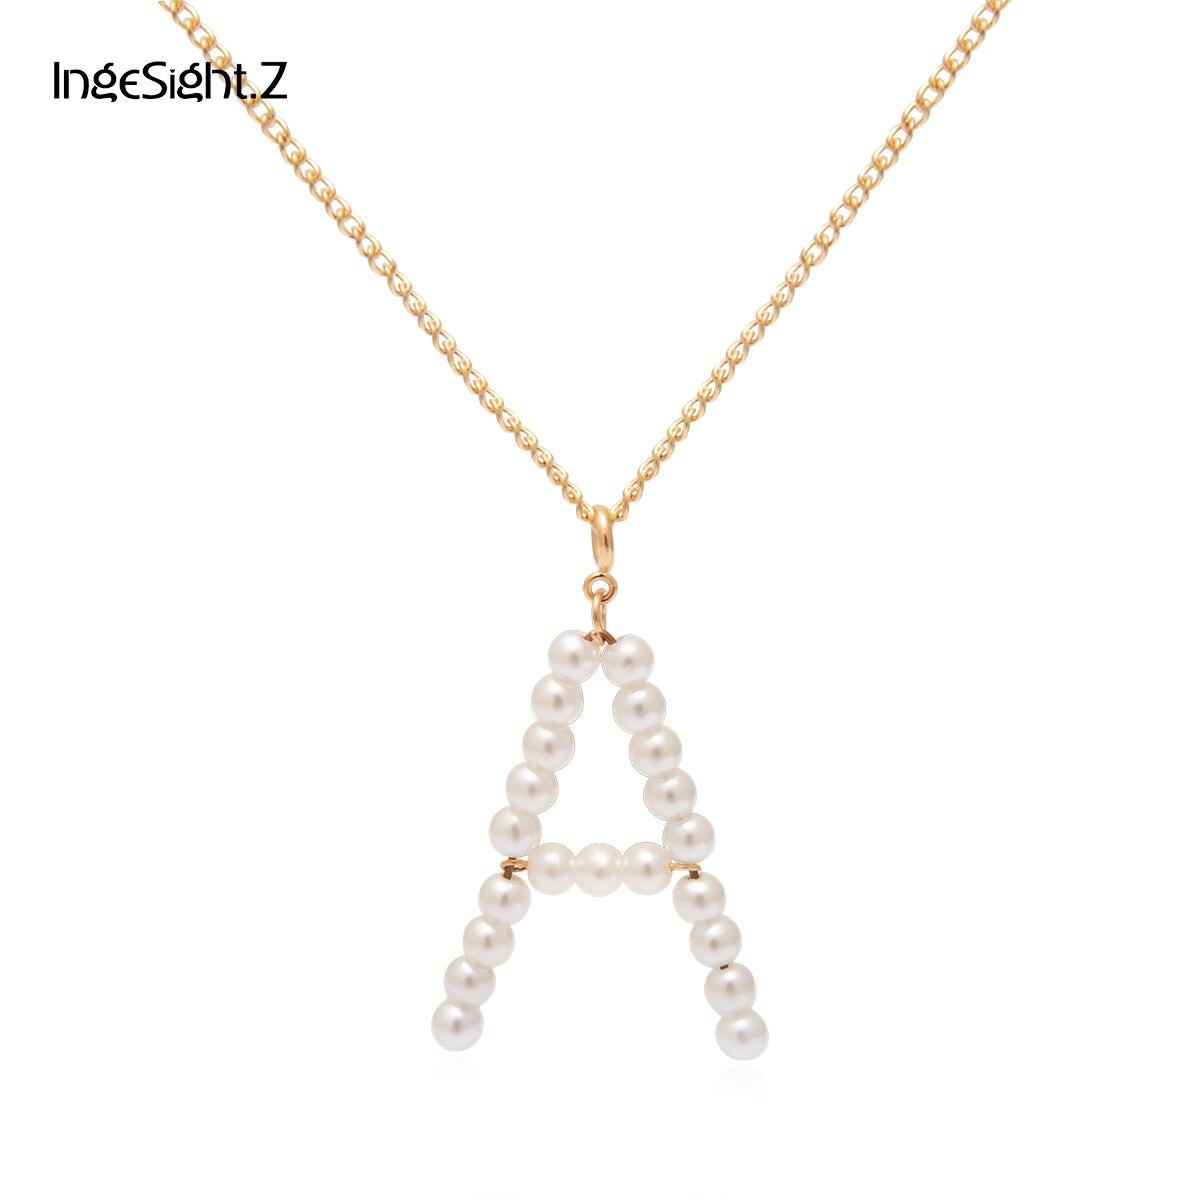 Простое Ожерелье IngeSight.Z с подвеской в виде буквы А из искусственного жемчуга, богемное длинное медное ожерелье золотого цвета для женщин, ювелирные изделия